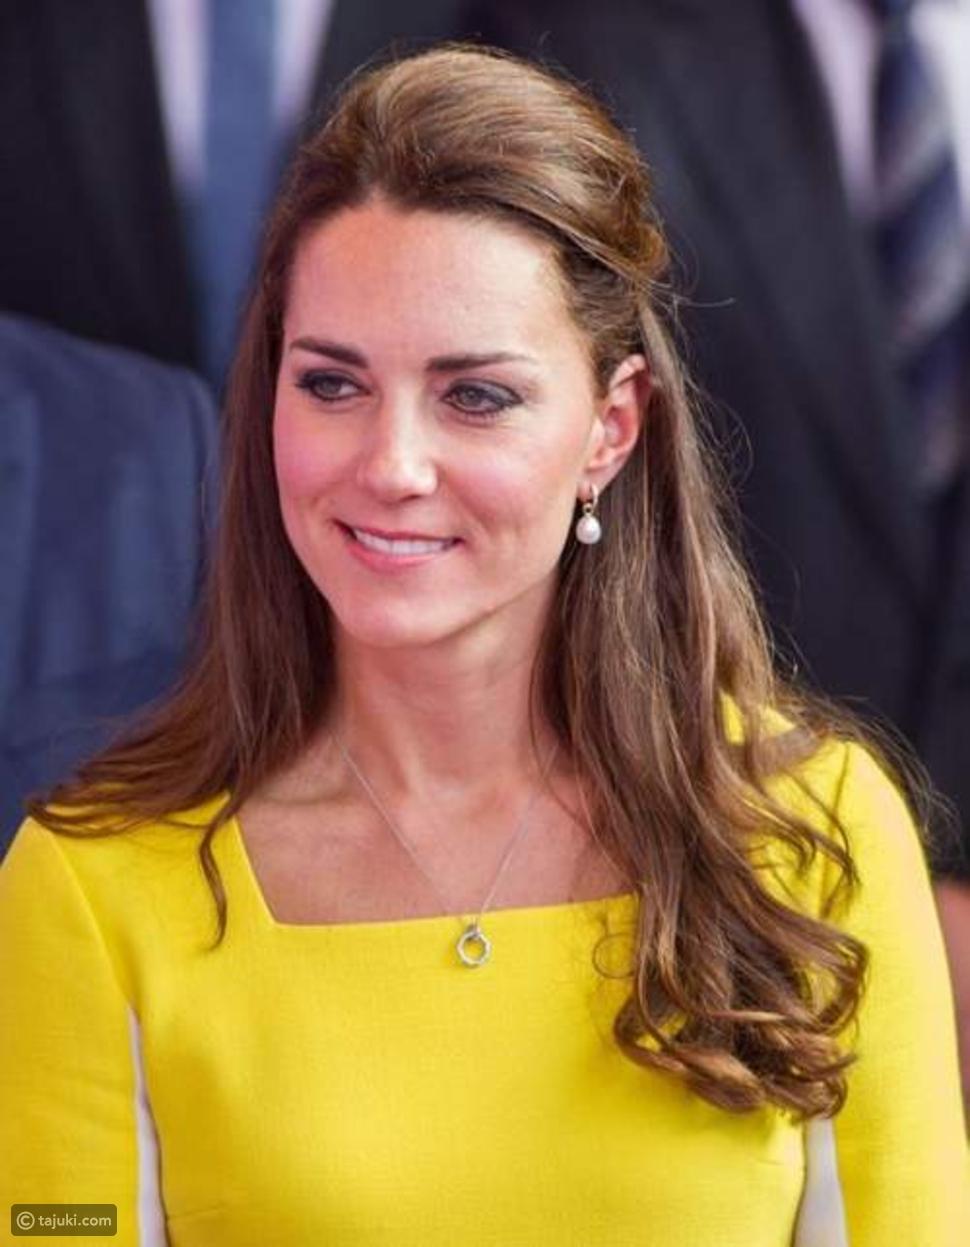 تسريحات الأميرة كيت ميدلتون دوقة كامبريدج